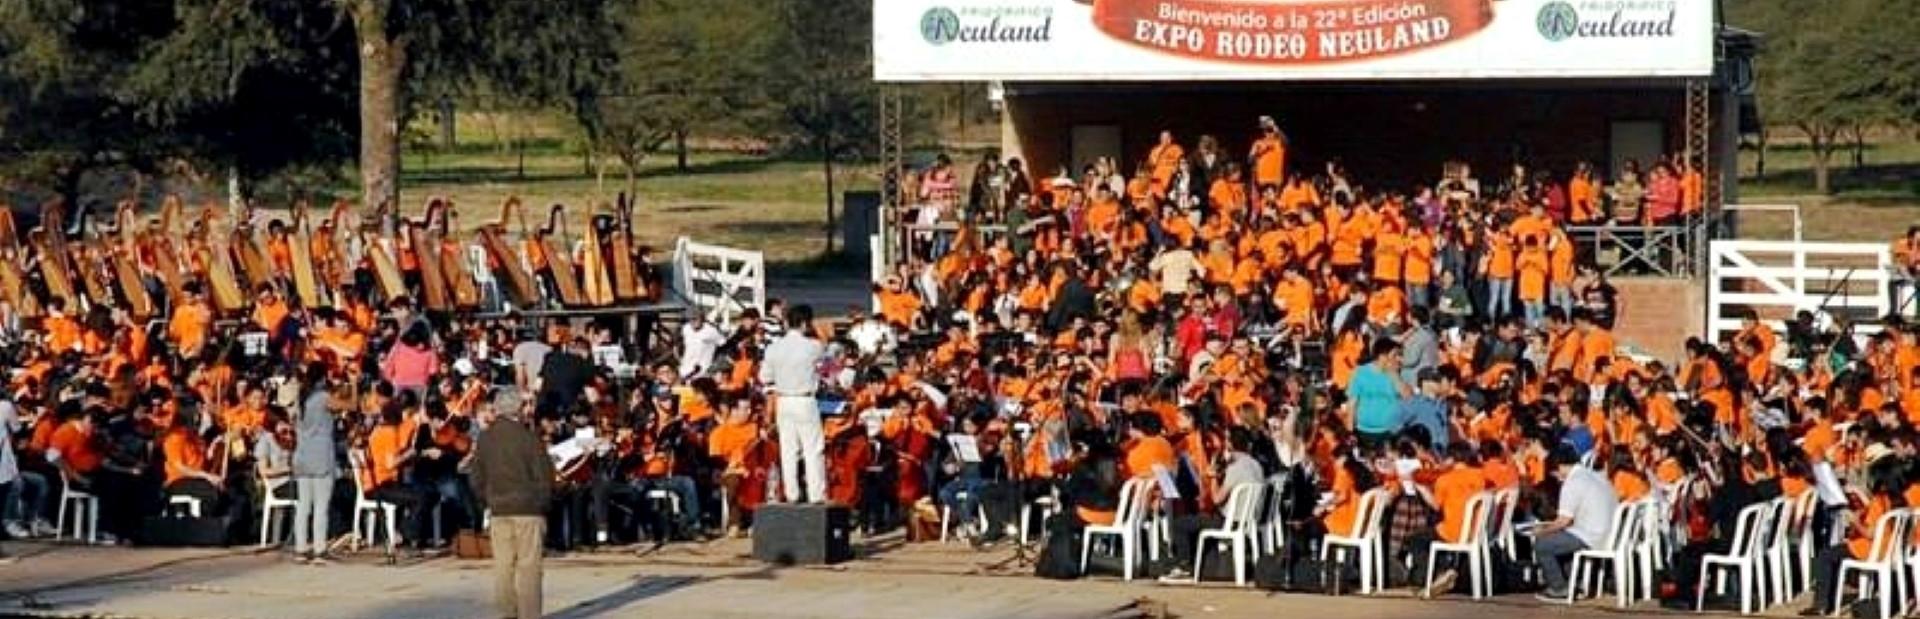 'Sonidos de la Tierra' en el Chaco Paraguayo DESTACADO